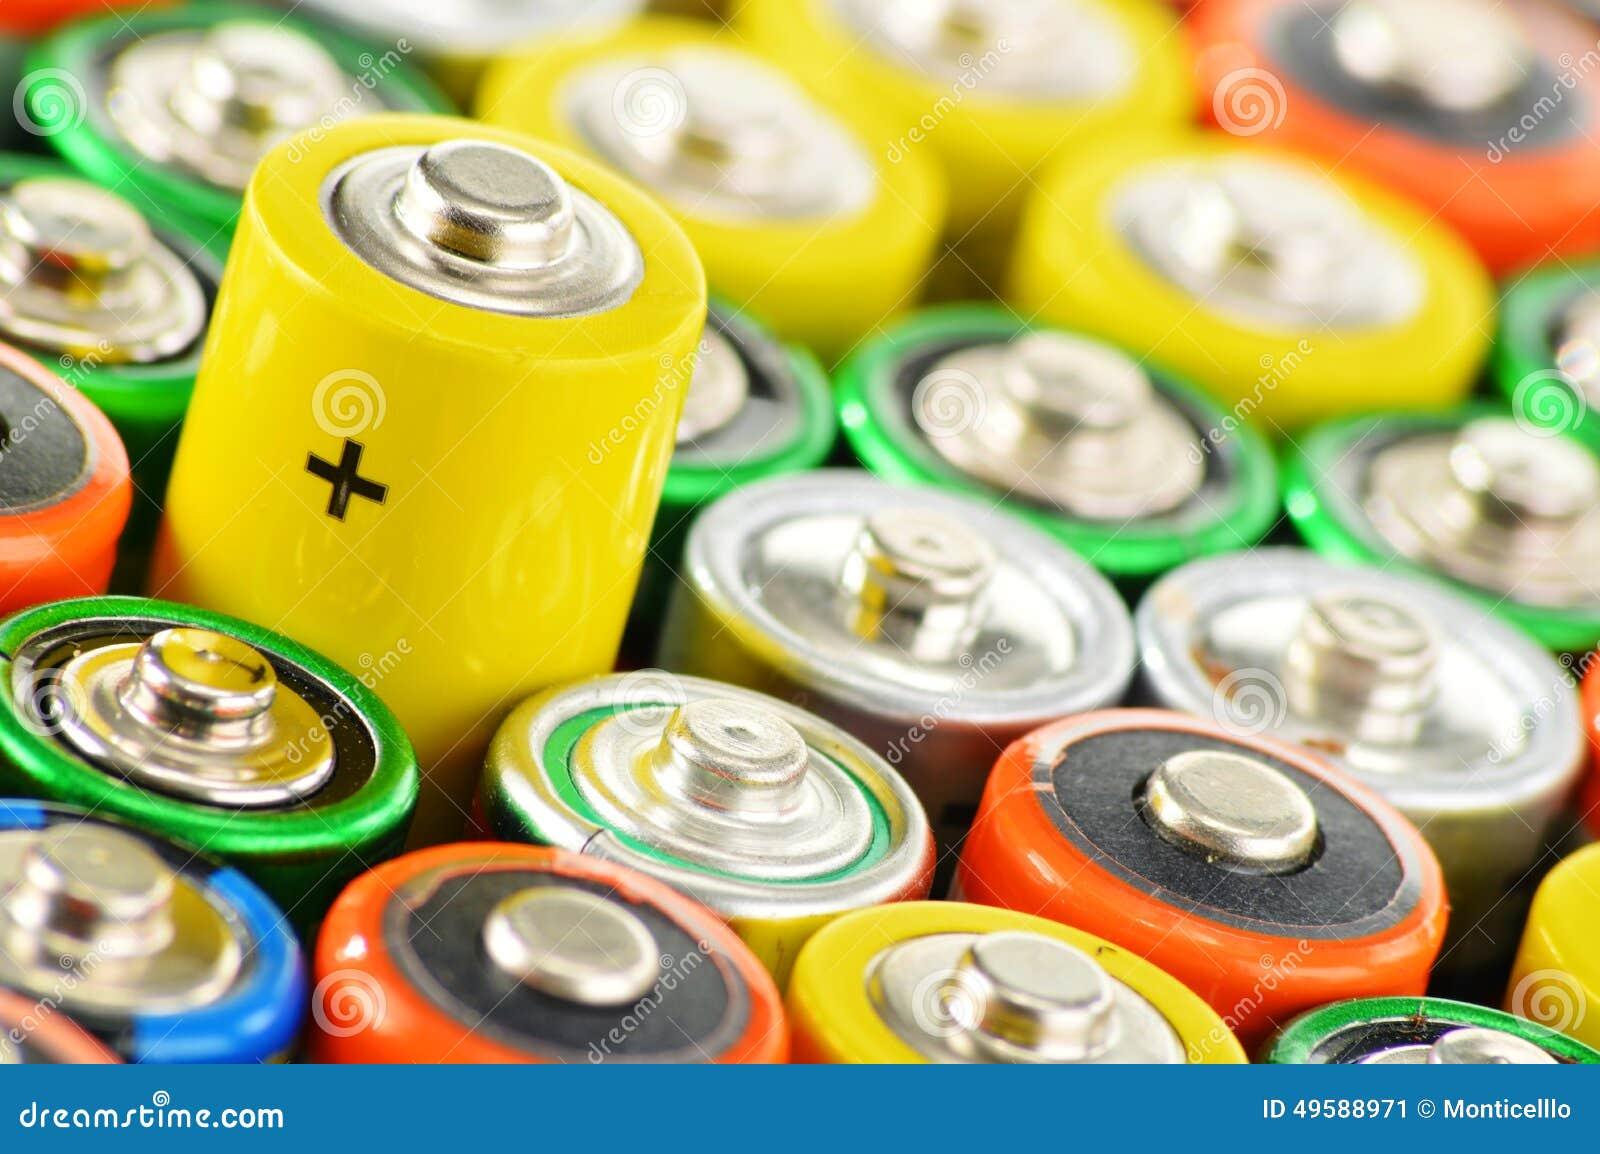 与碱性电池的构成 化学制品废物